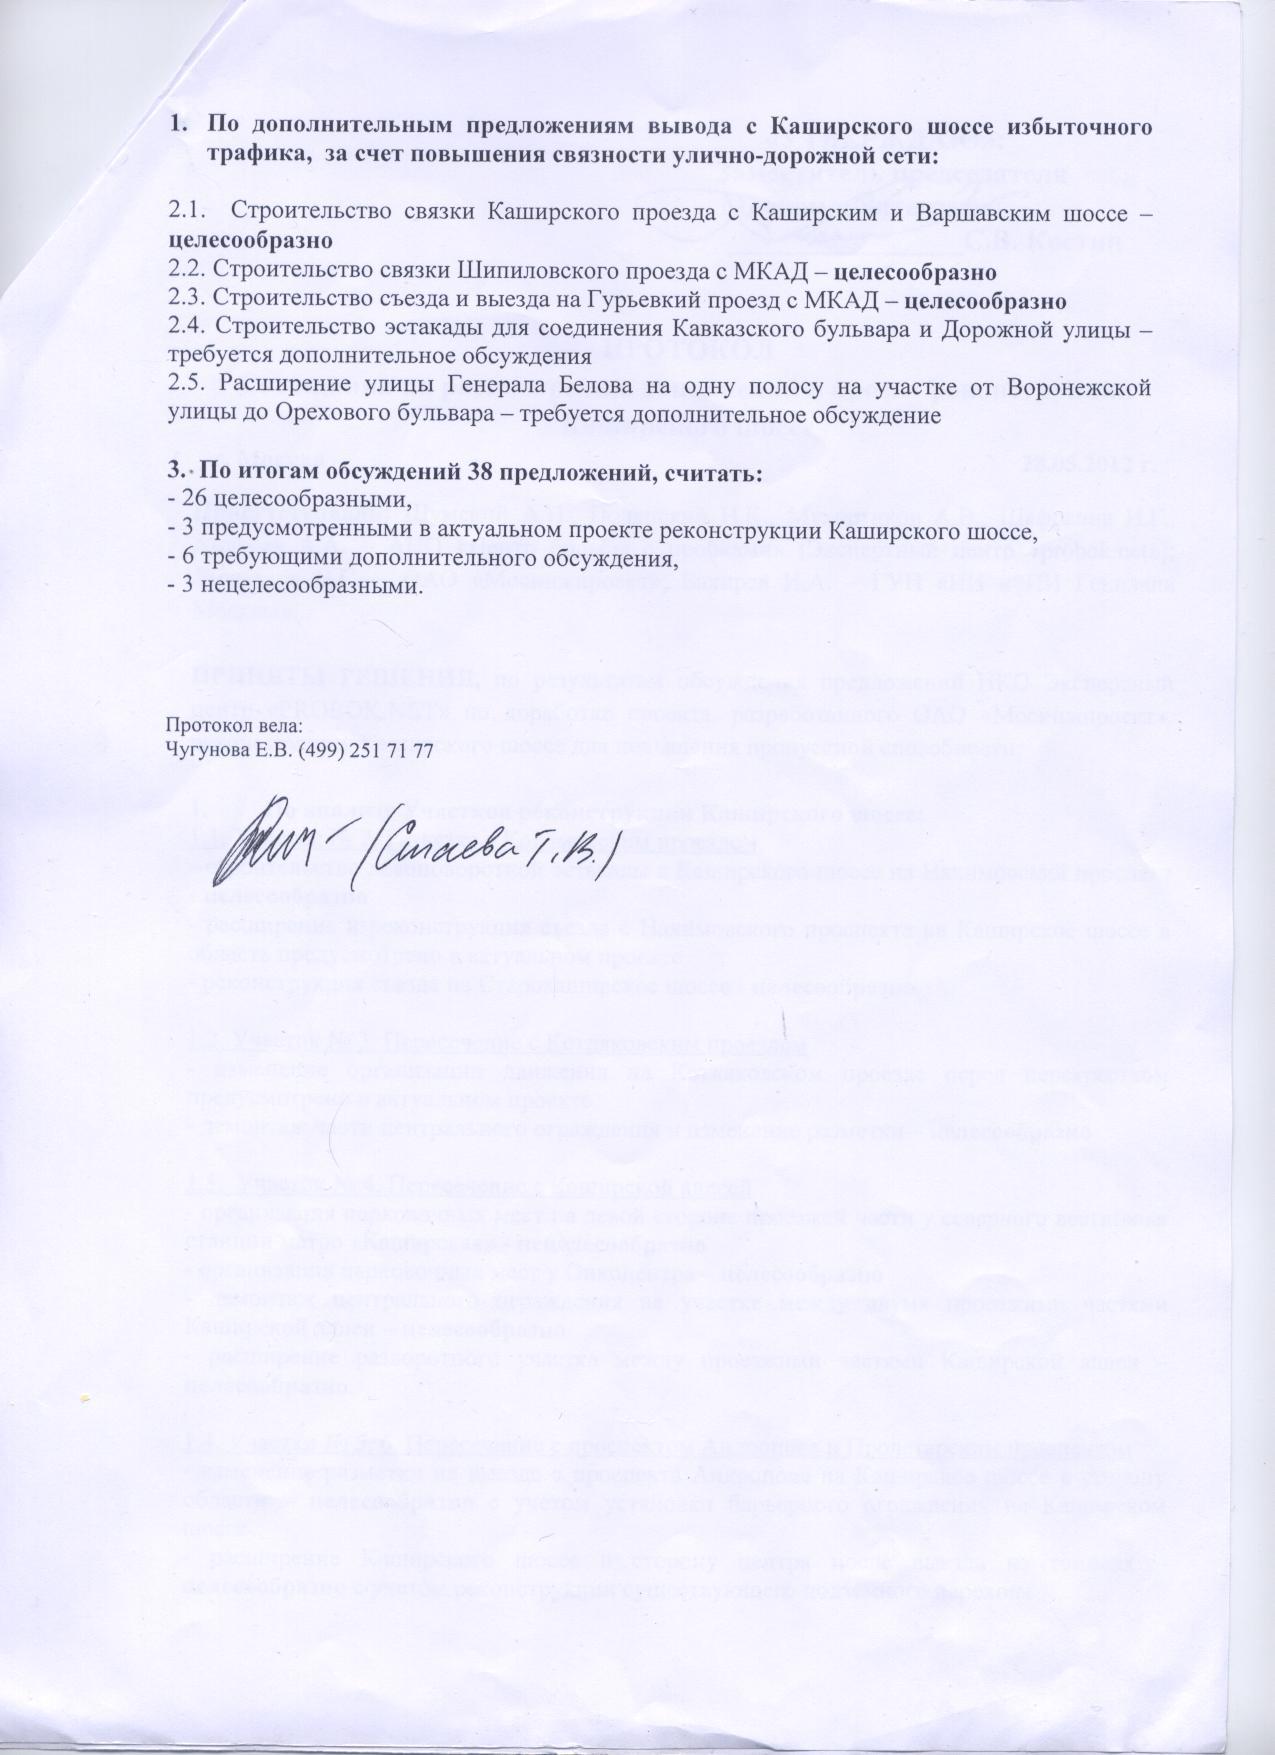 протокол 3